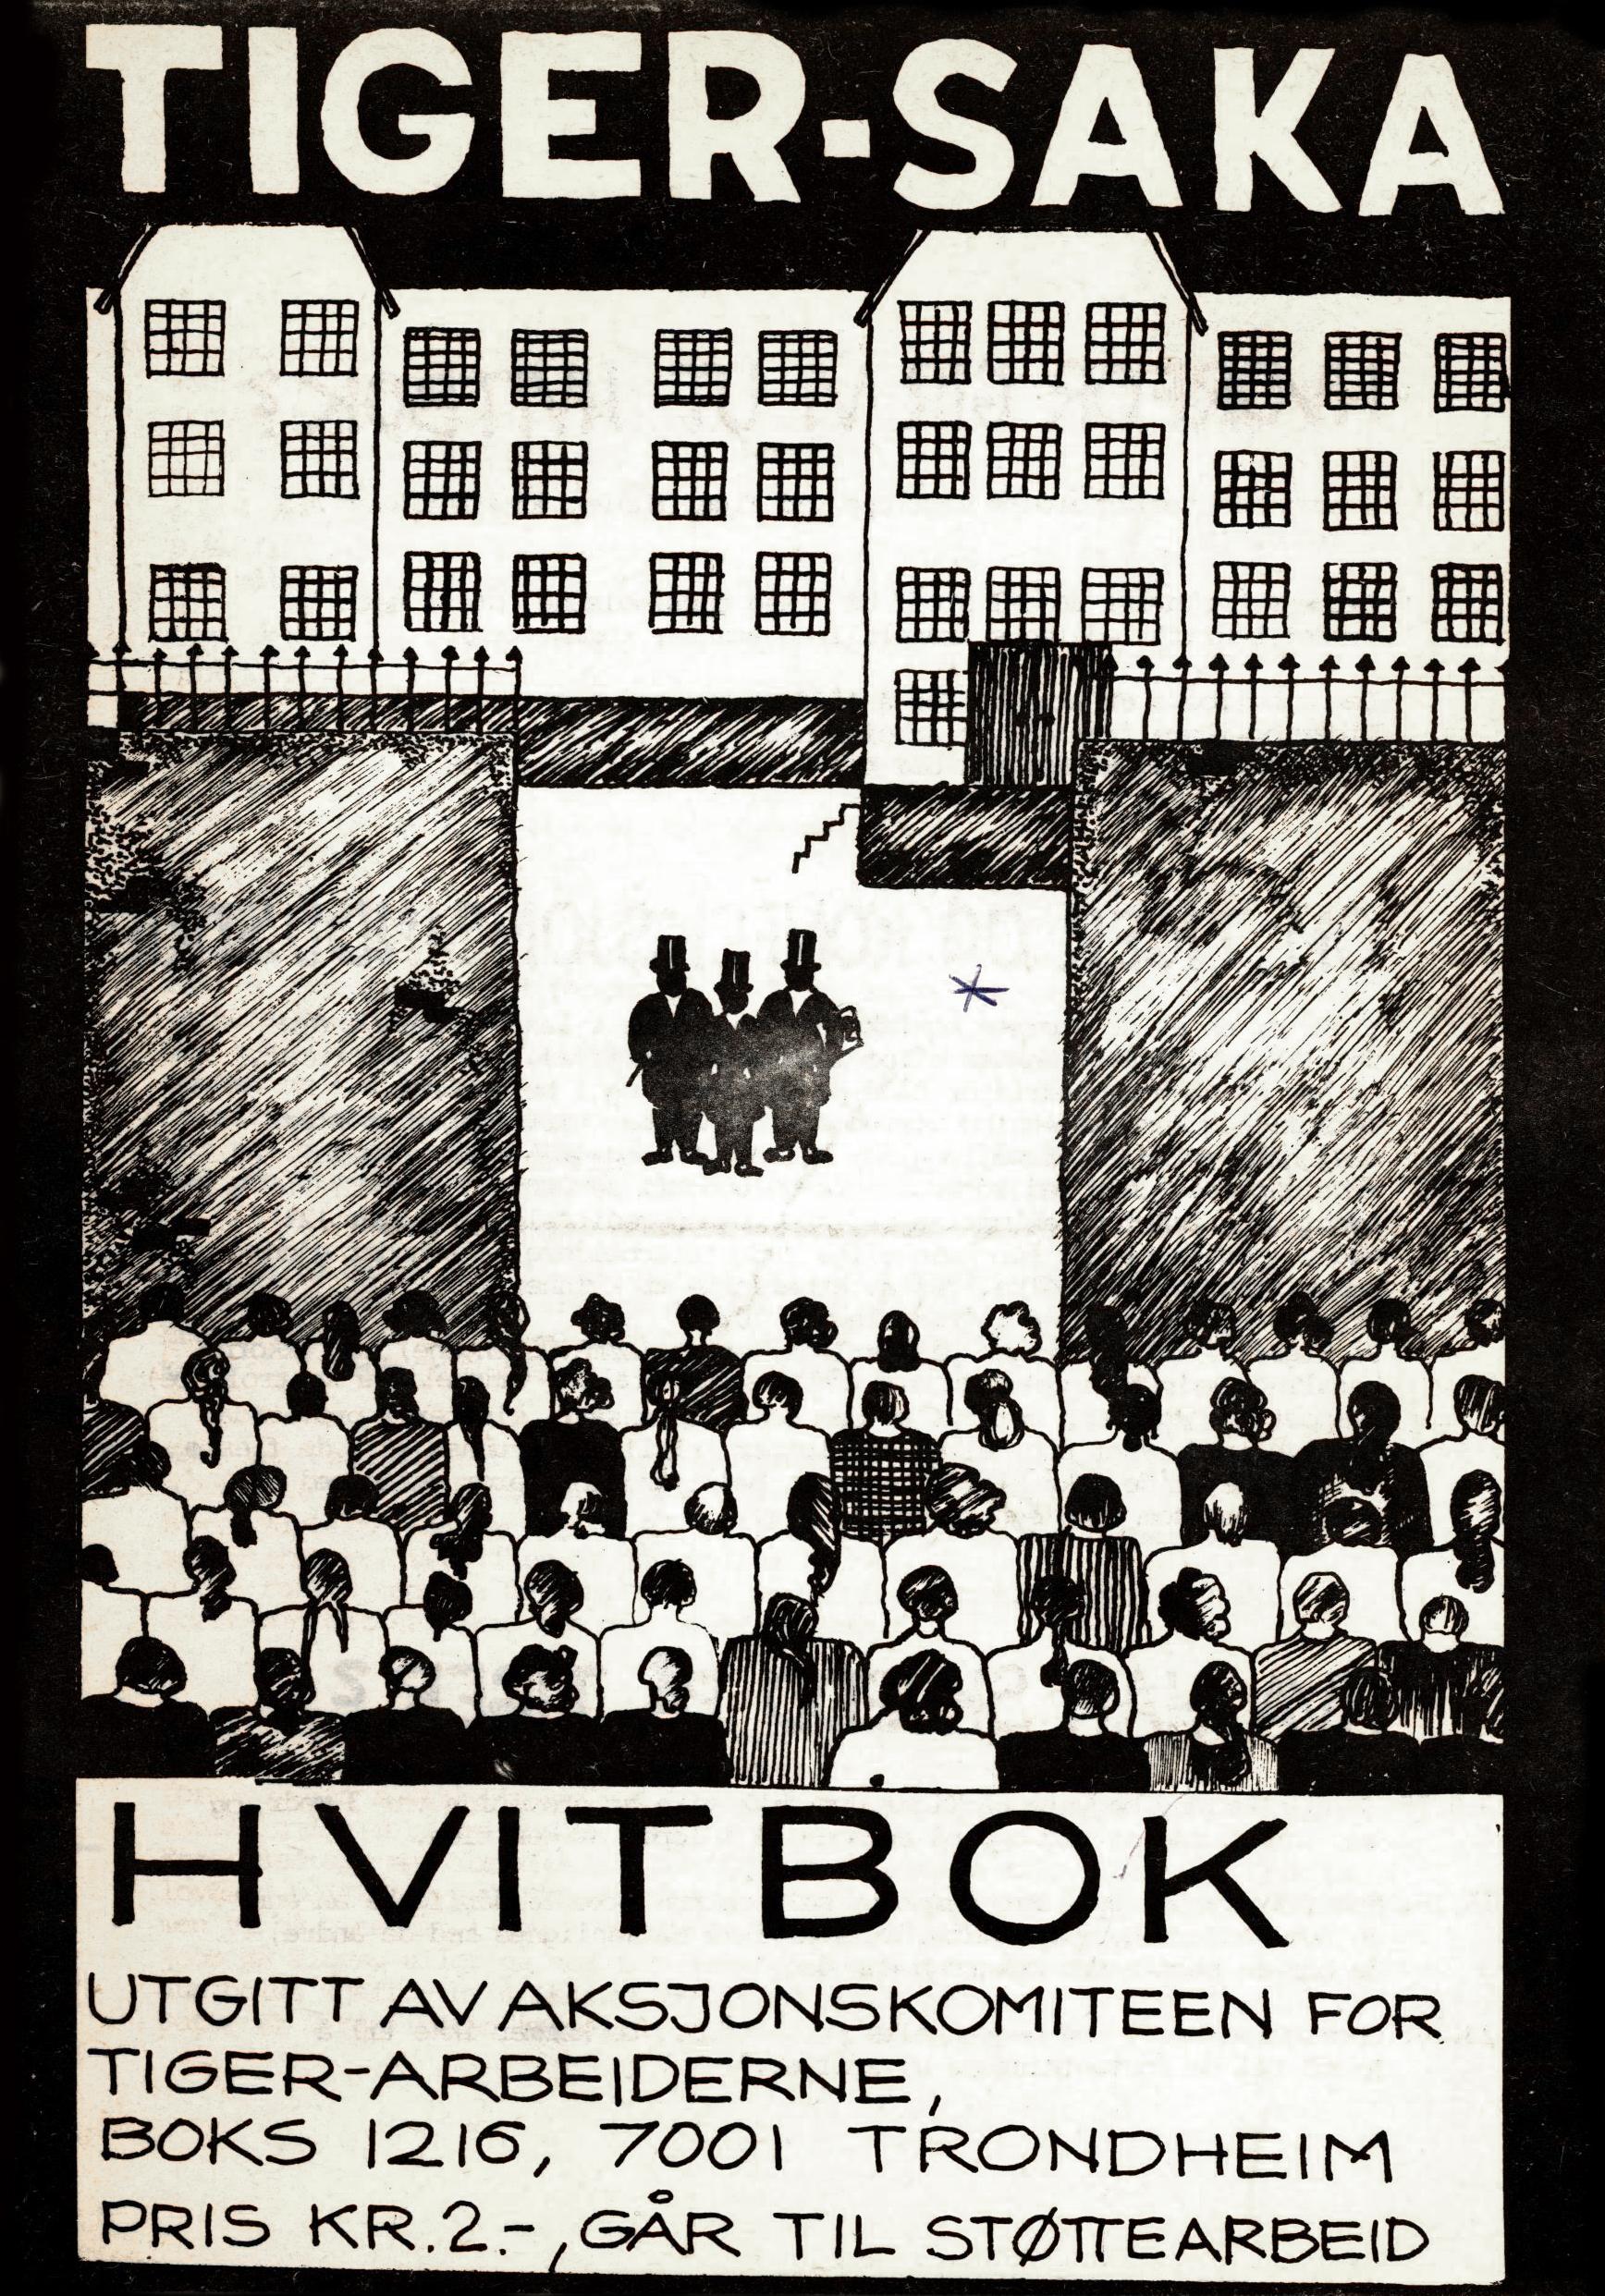 Tiger-saka - Hvitbok utgitt av Aksjonskomiteen for Tiger-arbeiderne